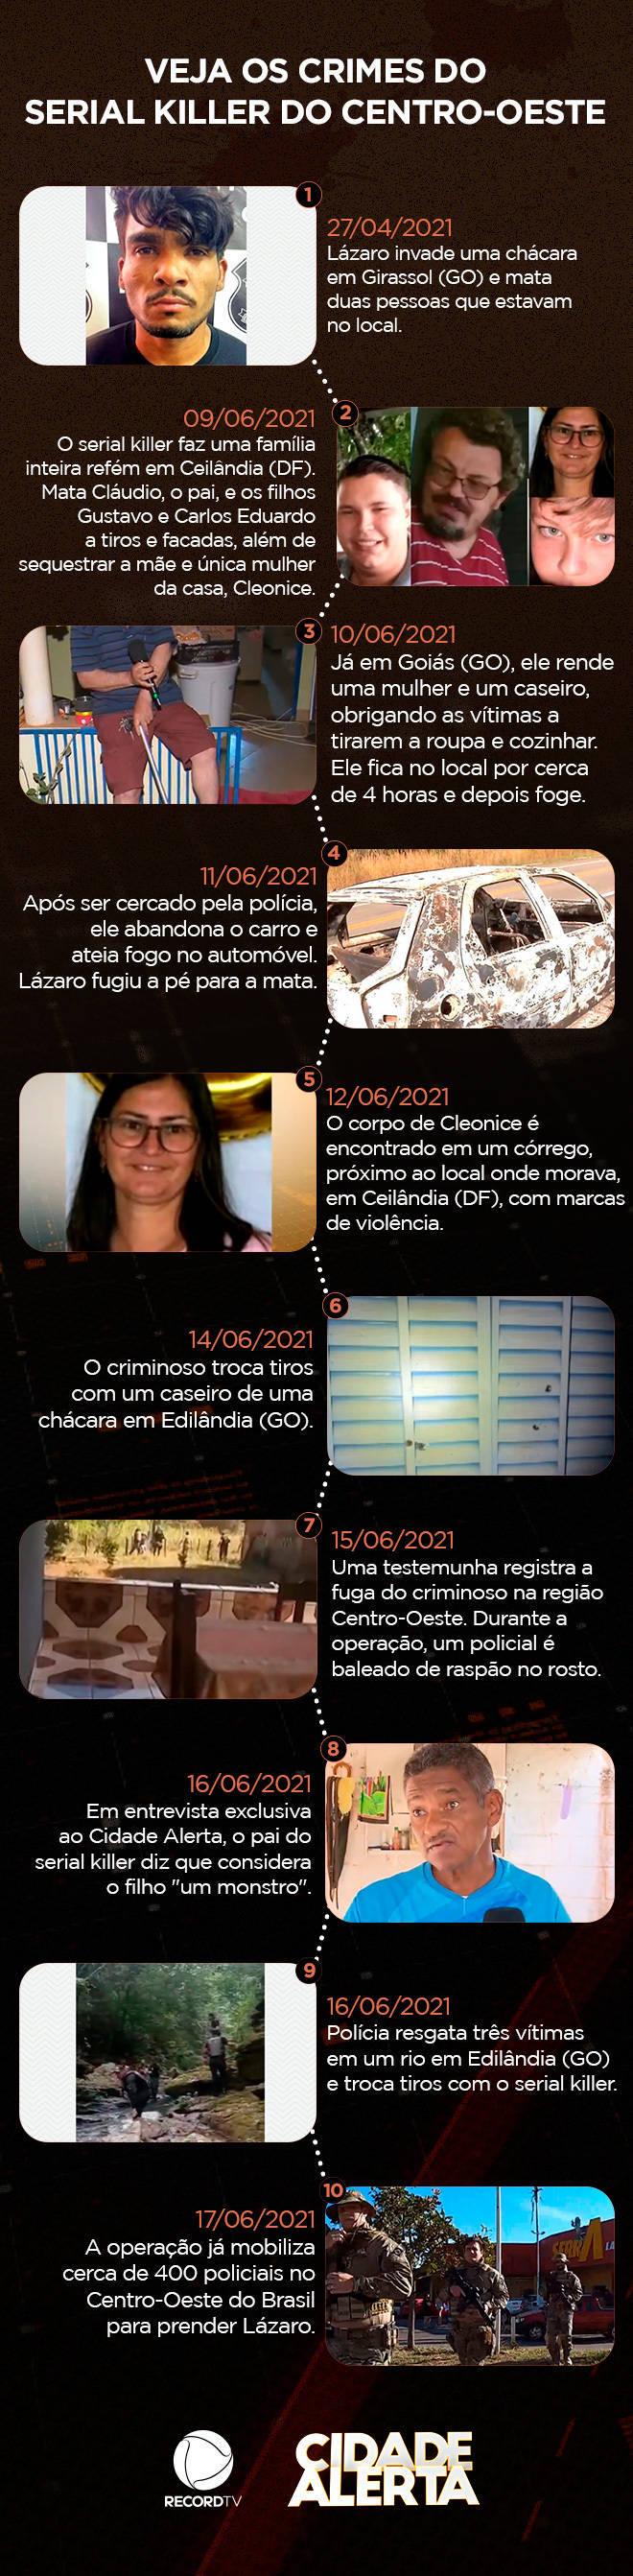 Lázaro Barbosa de Sousa é considerado um maníaco por cometer diversos crimes